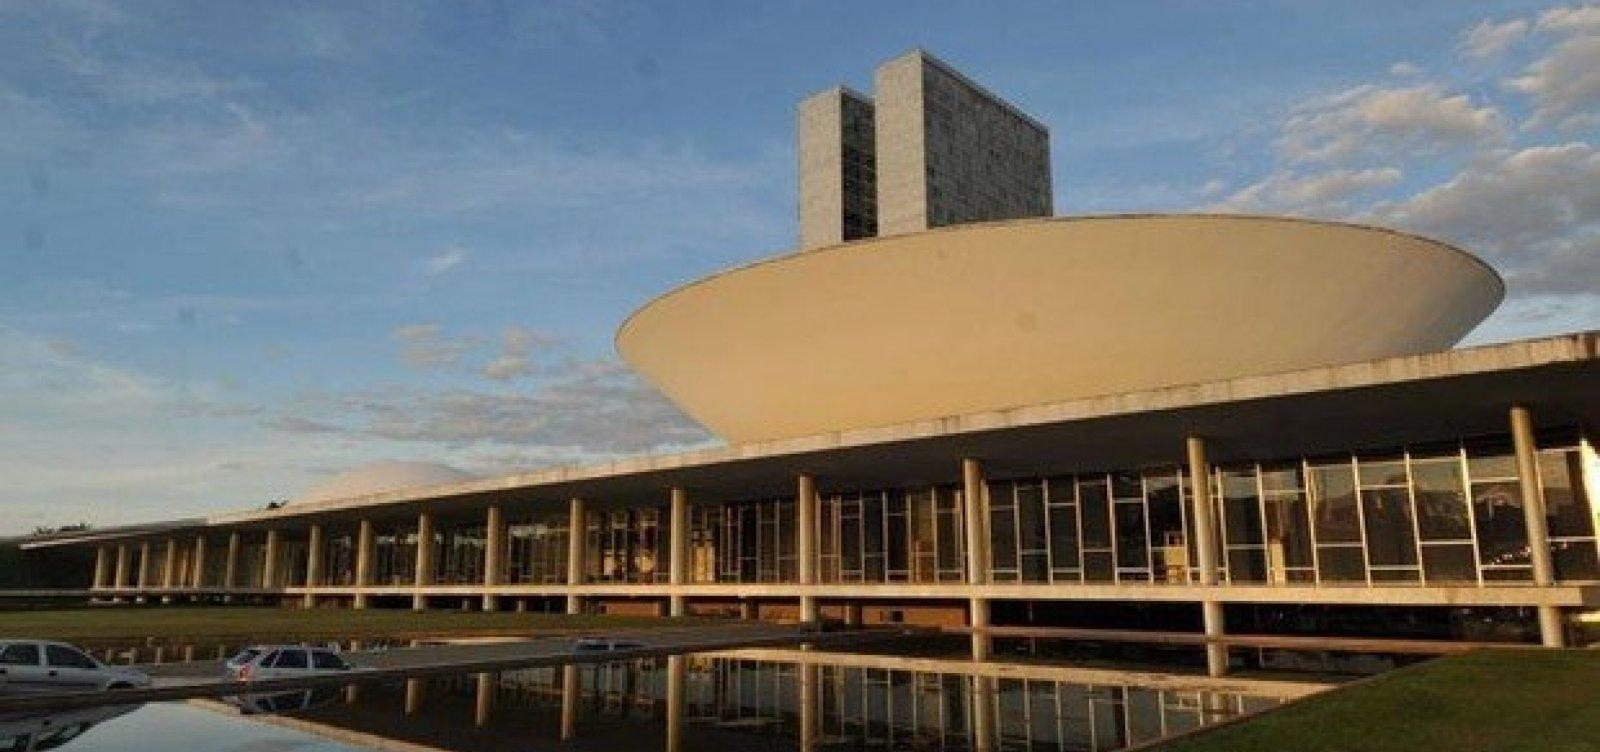 Planalto libera R$ 3 bi em obras  em meio à eleição no Congresso